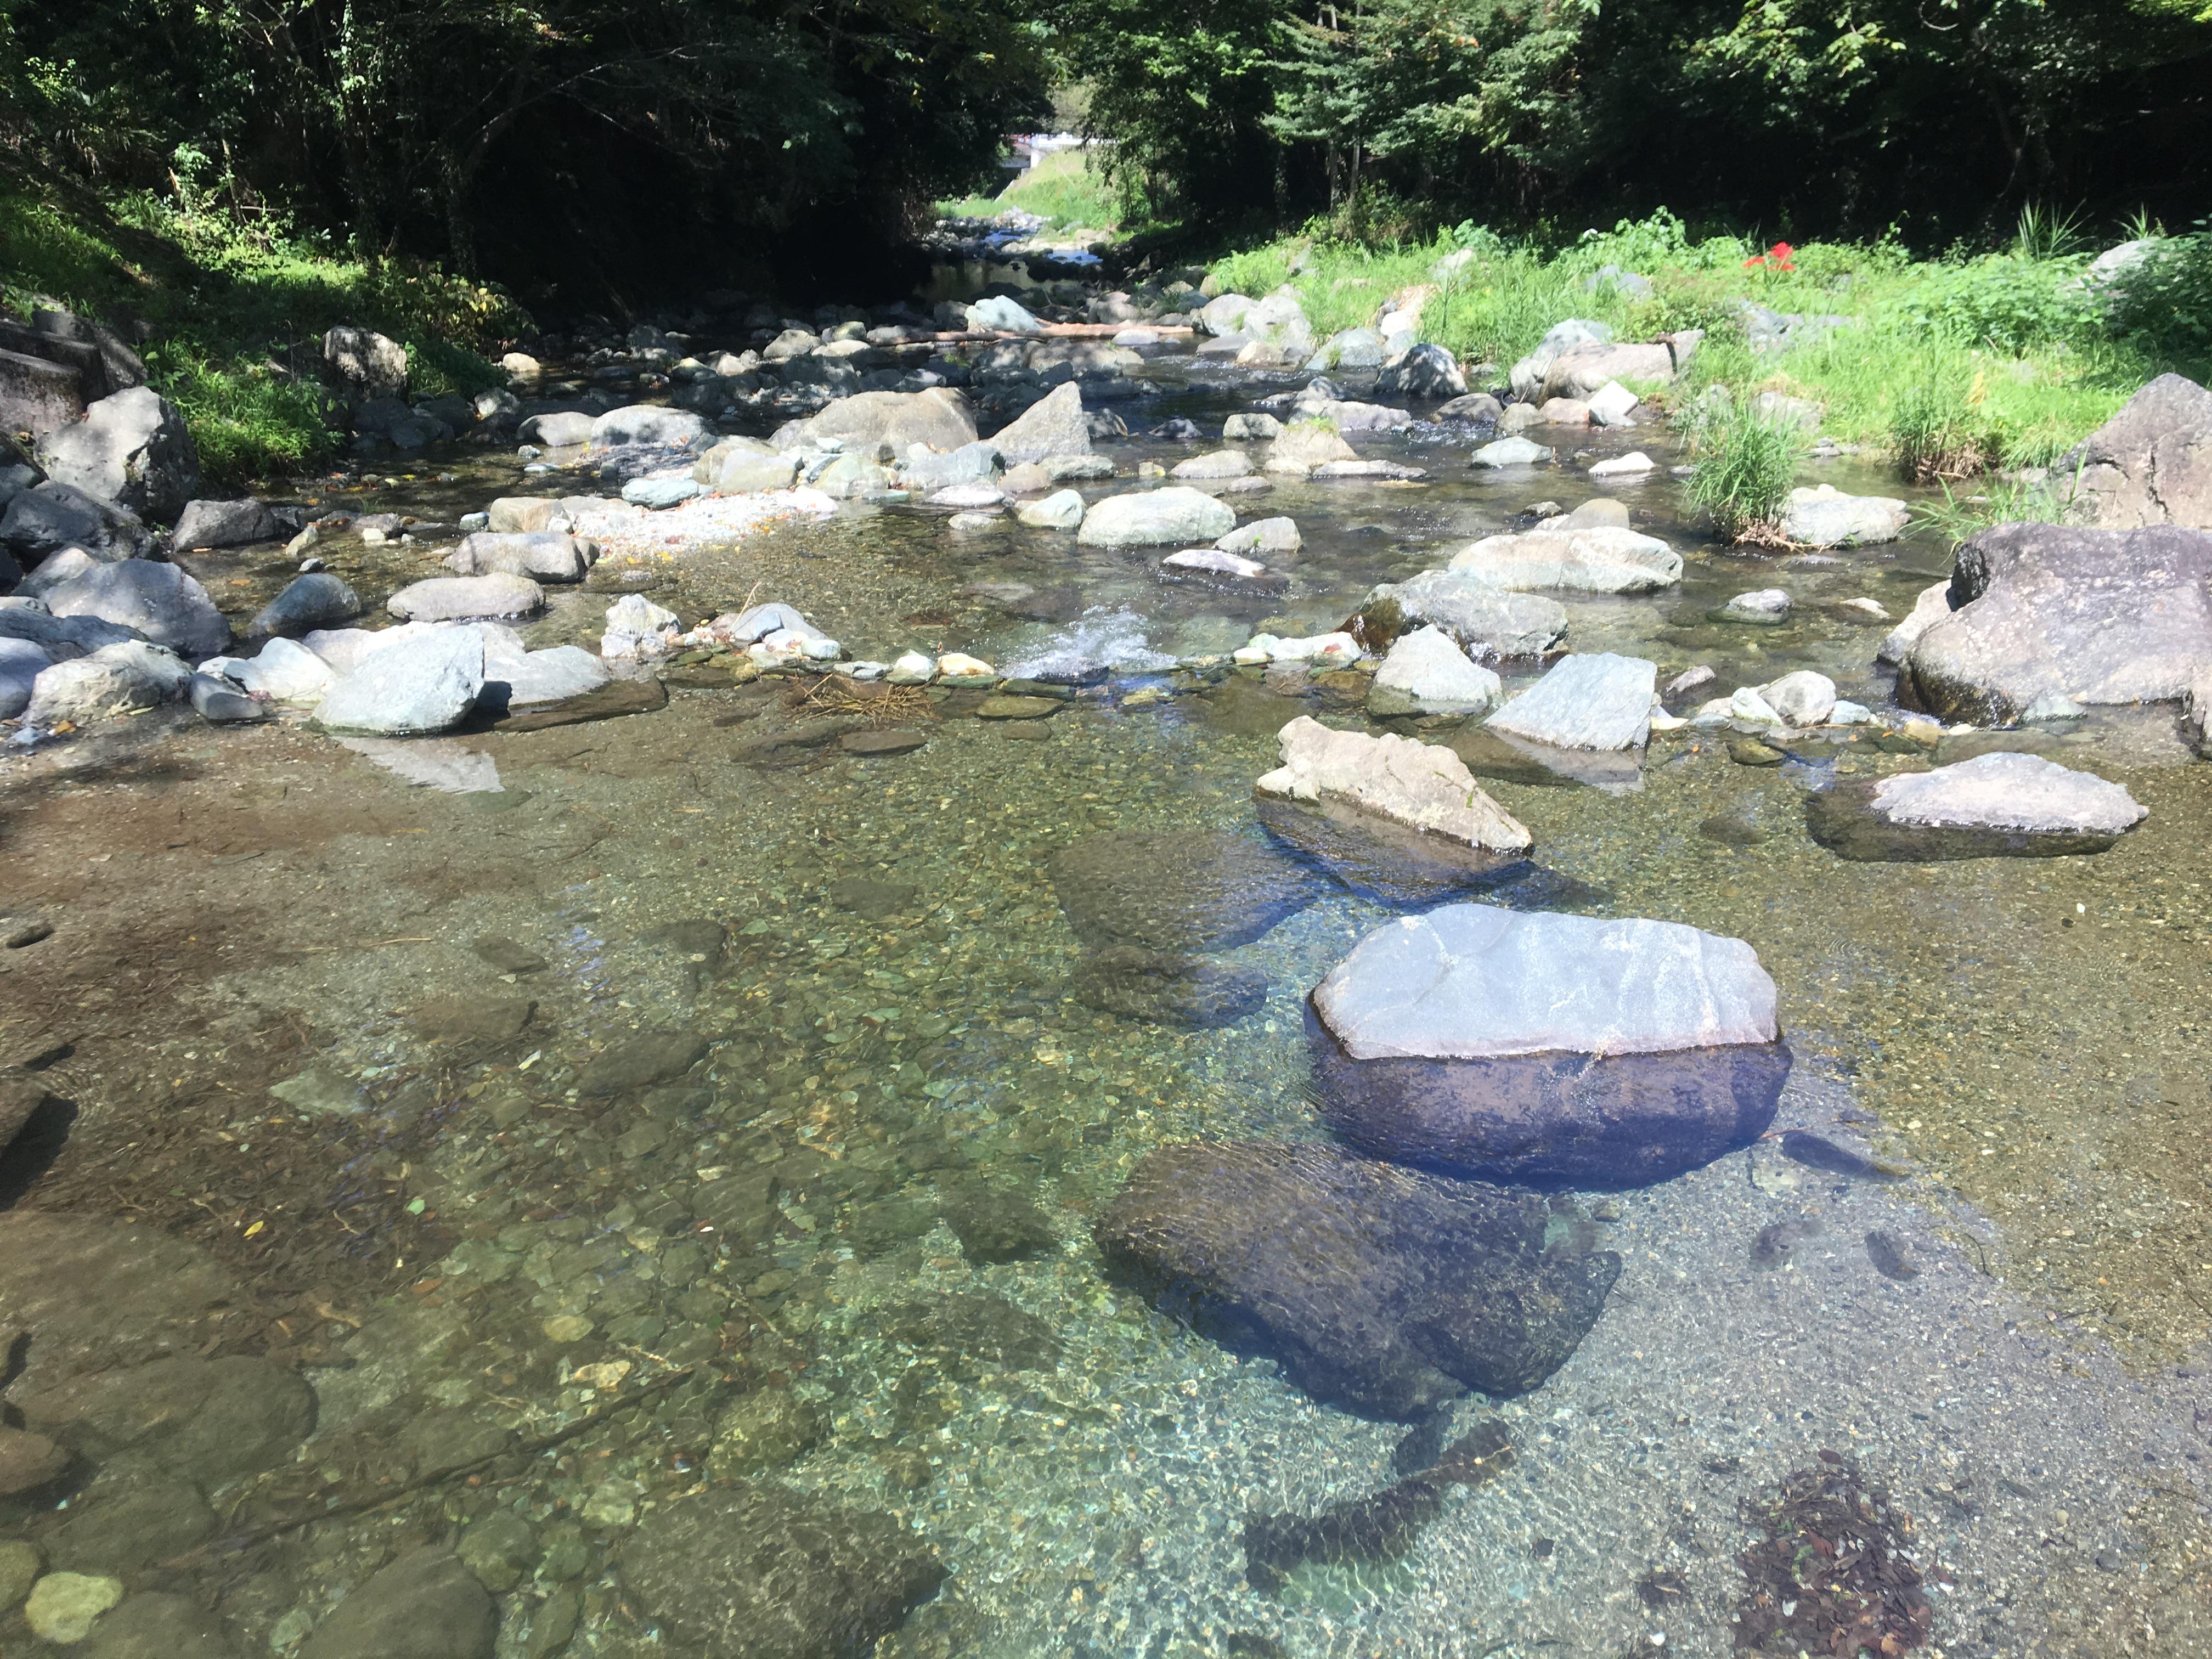 カールがなくなるから、埼玉の「おらが村」東秩父村に行ってみた③ ヤマメの里公園でひと休み